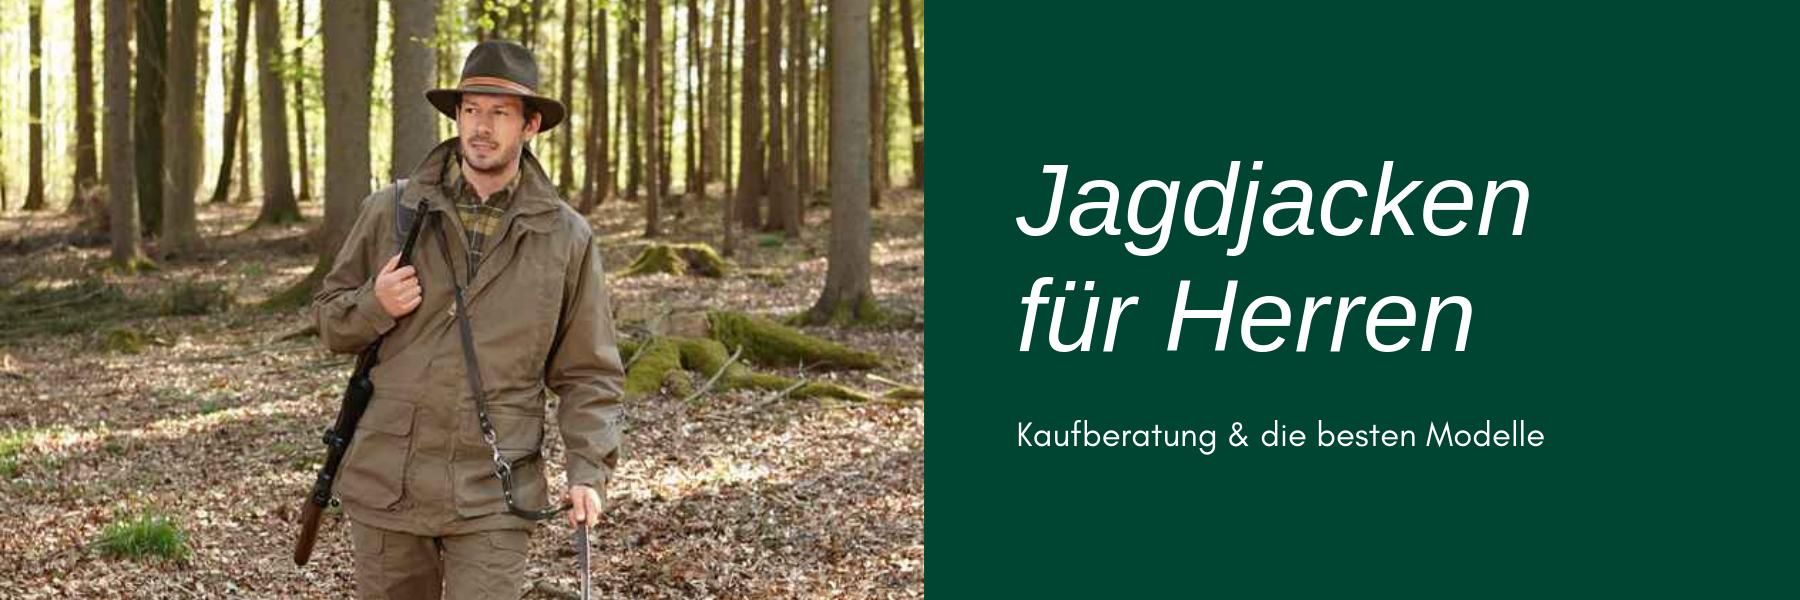 Jagdjacke für Herren - Modelle & Kaufberatung